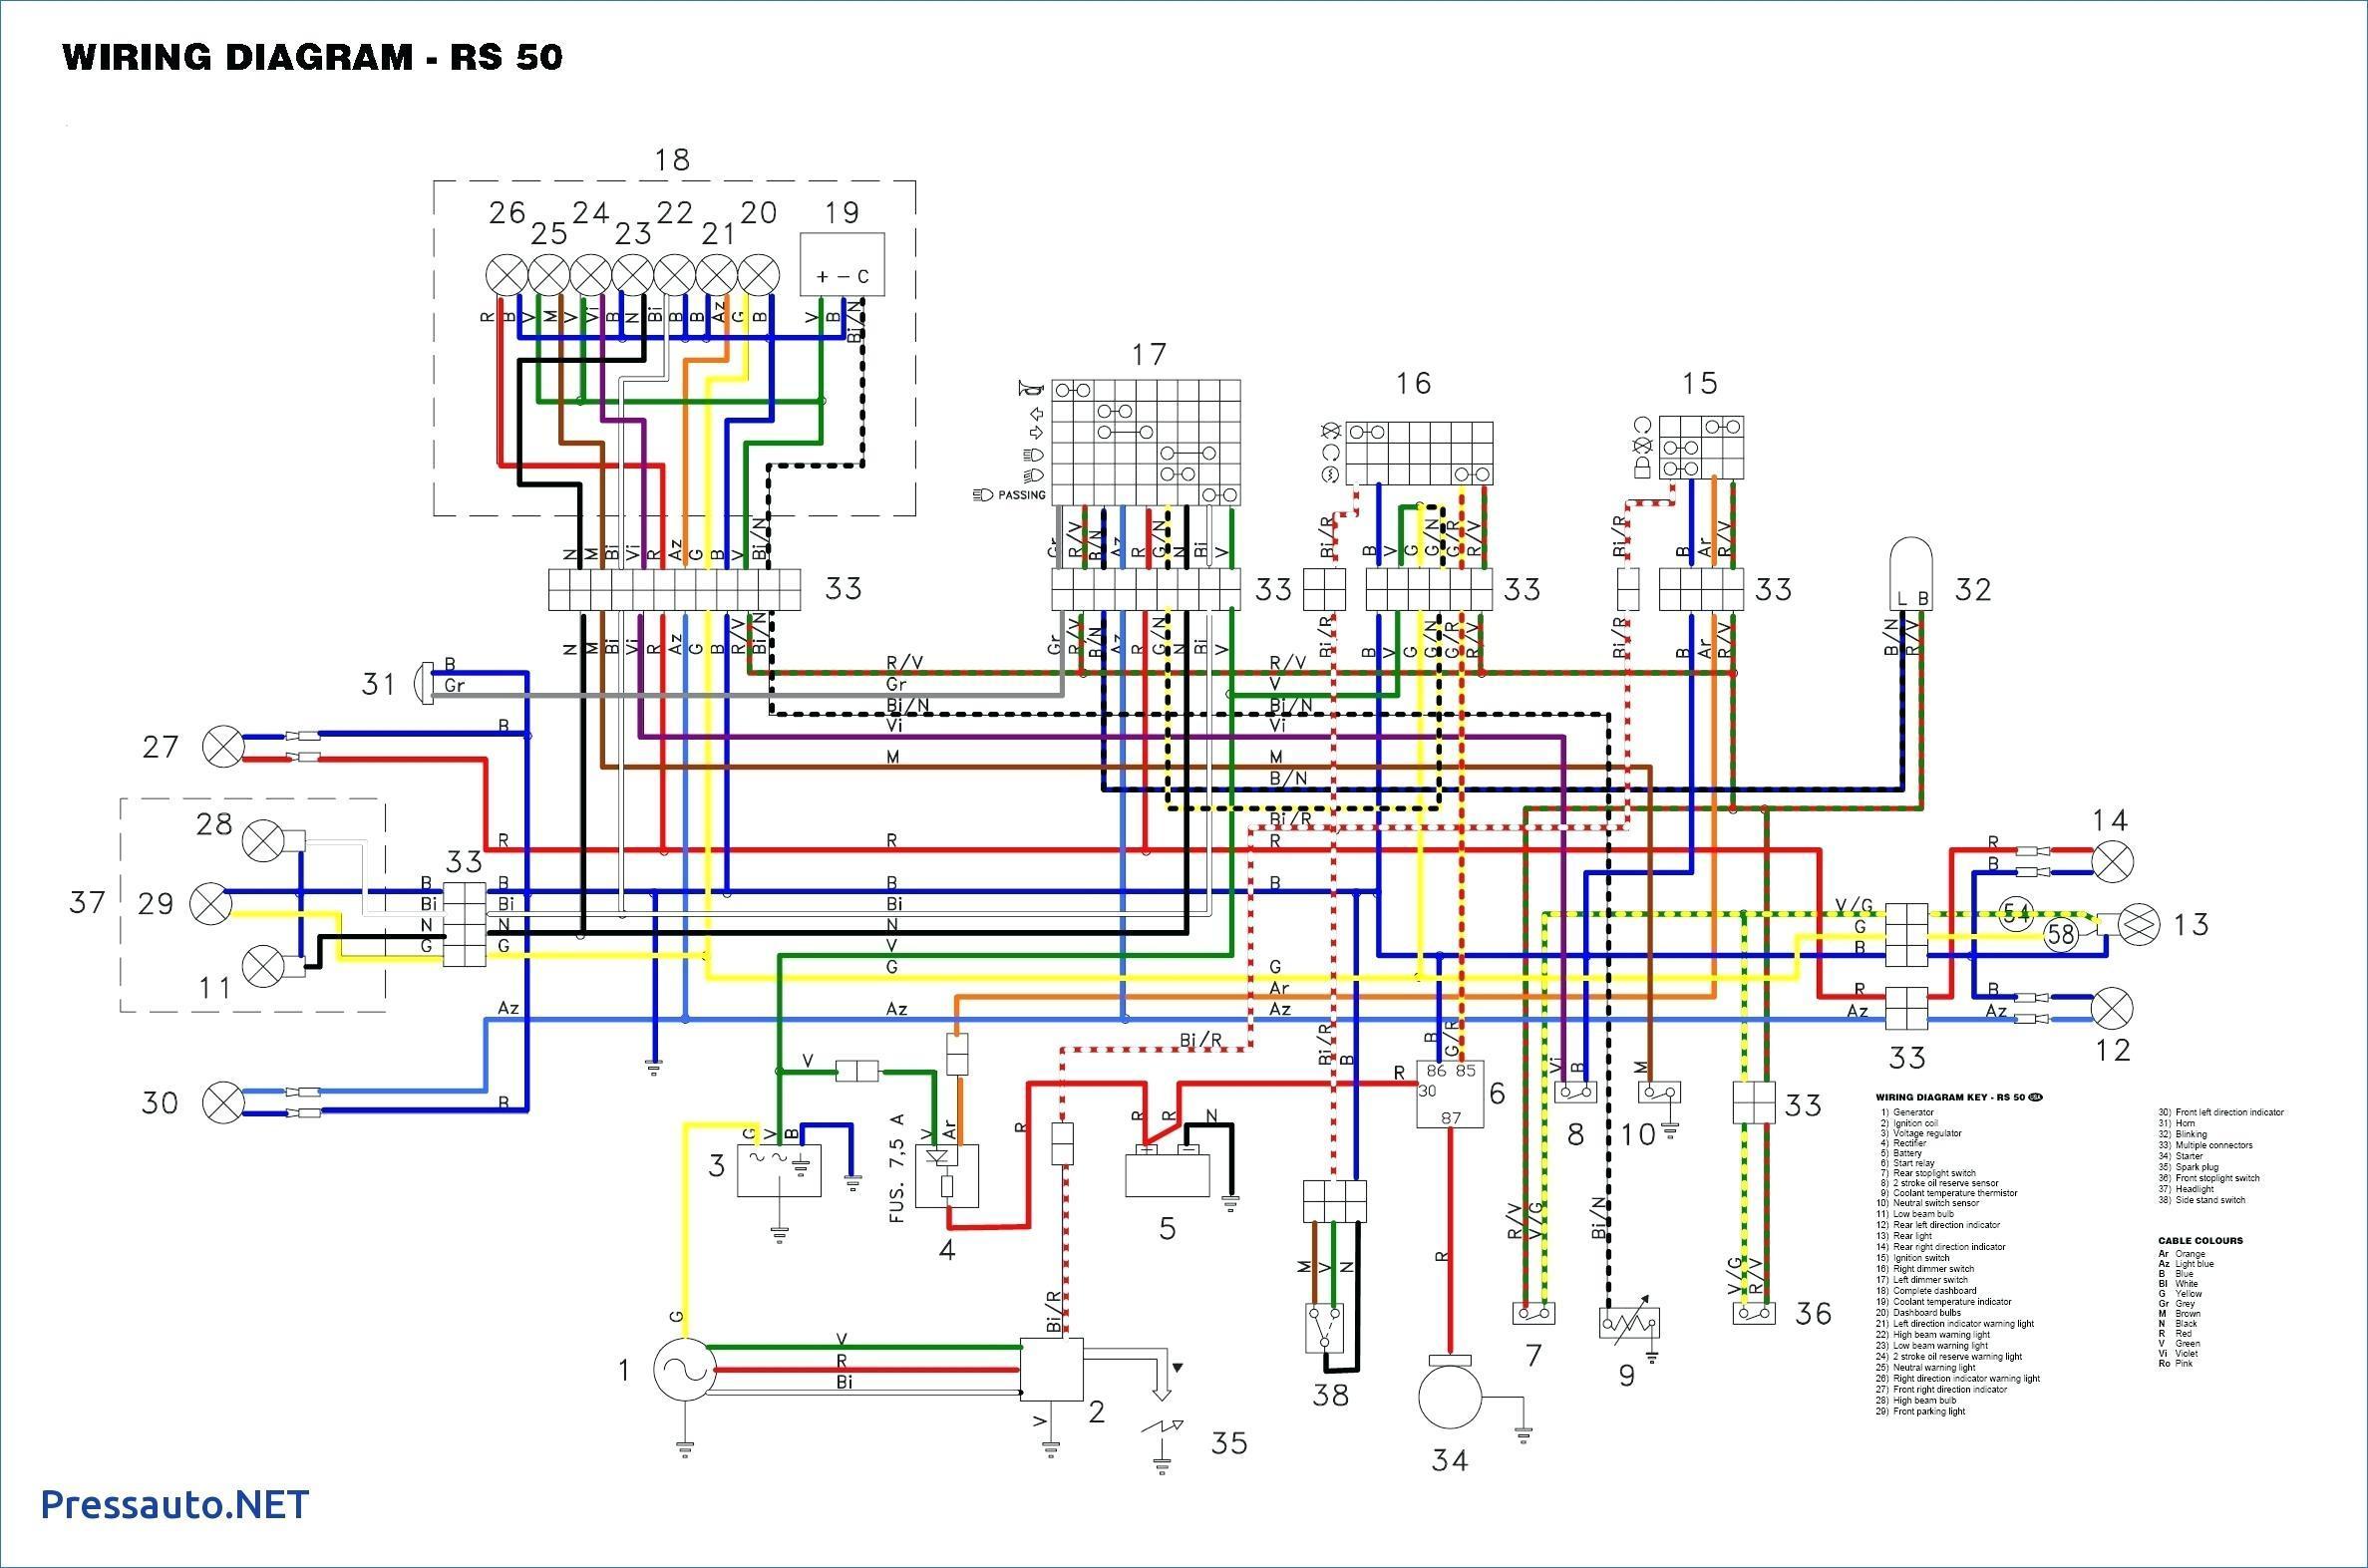 Kenwood Kdc 248U Wiring Diagram Pdf | Wiring Library - Kenwood Kdc 248U Wiring Diagram